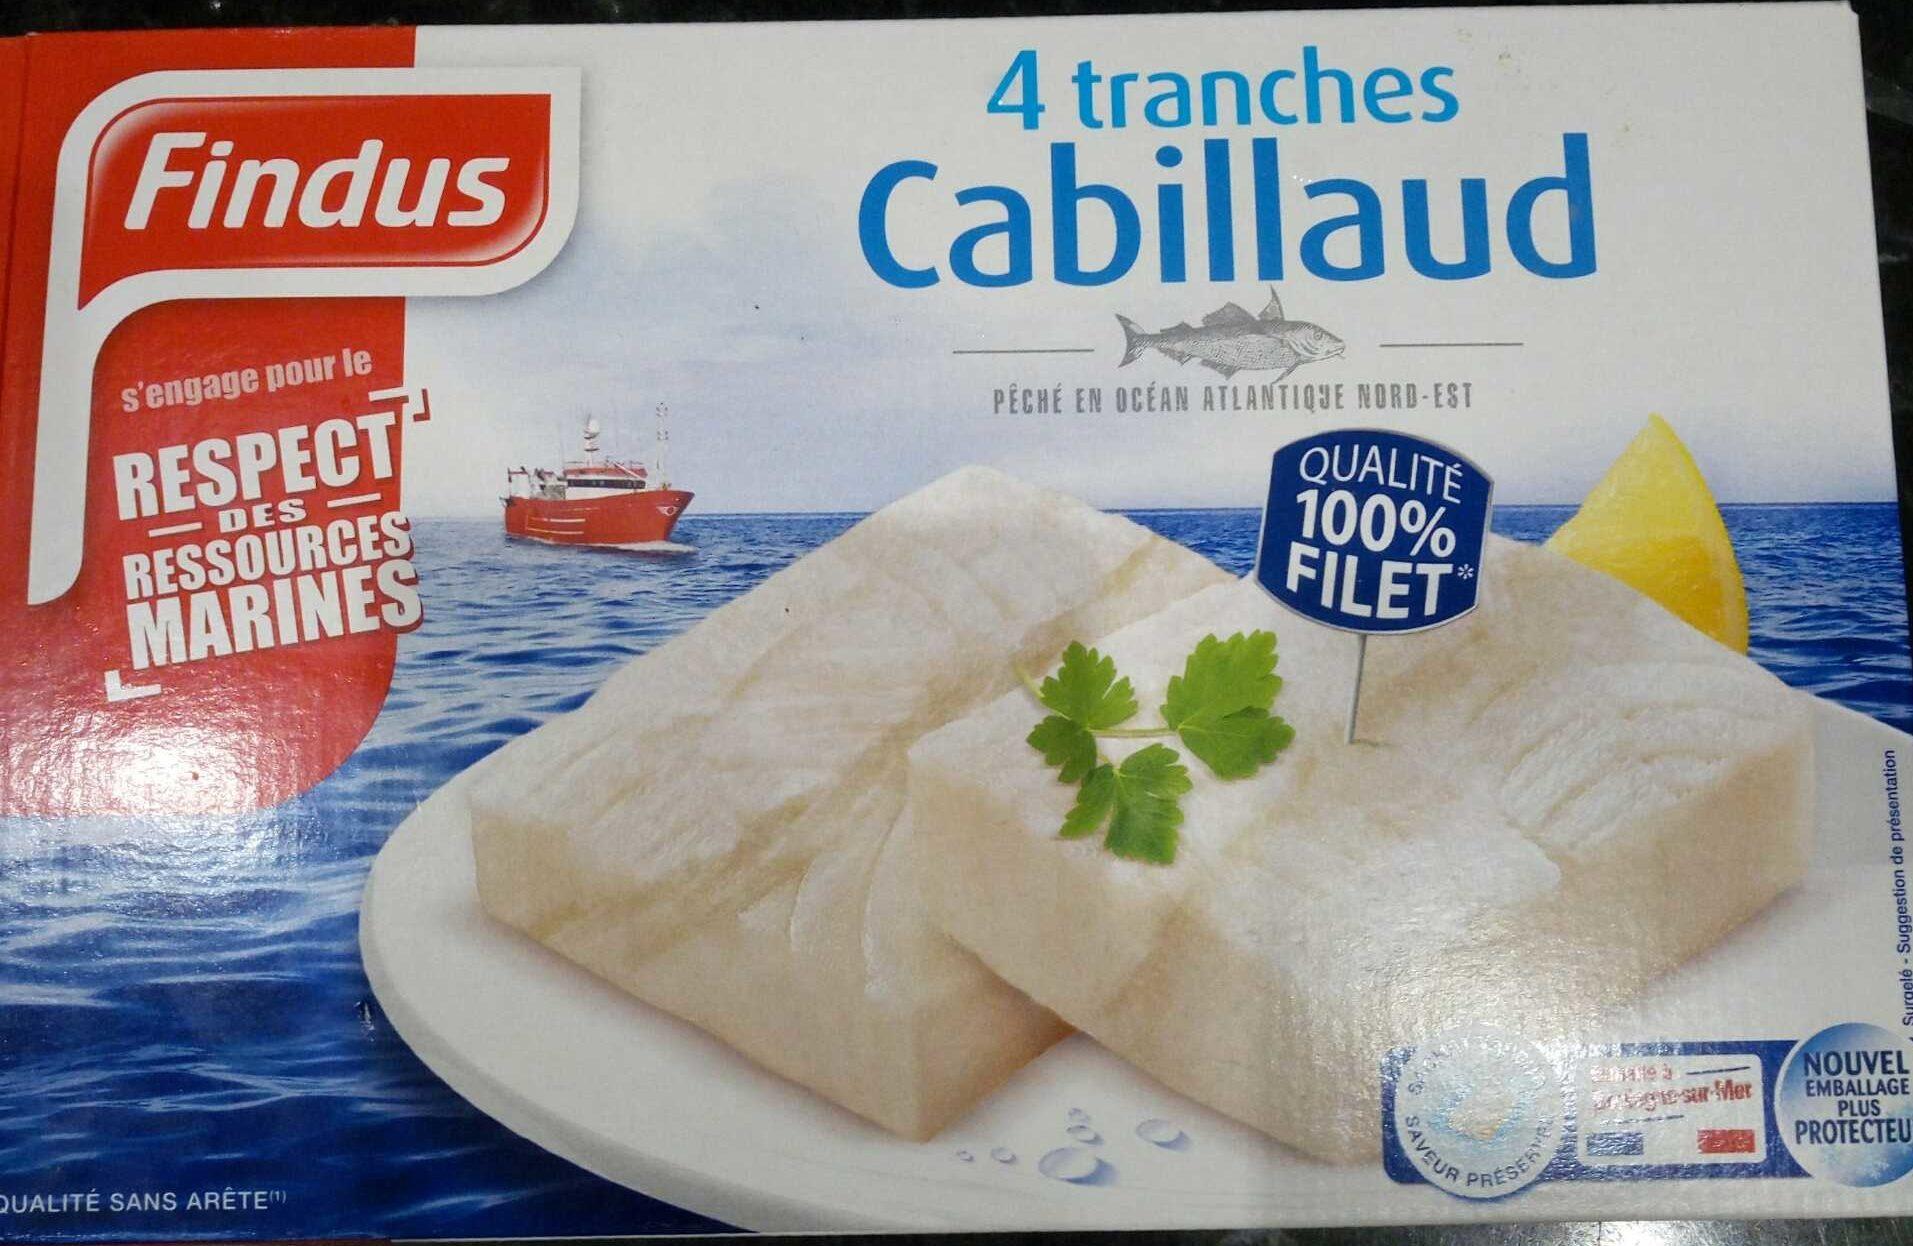 Tranches de Cabillaud - Produit - fr